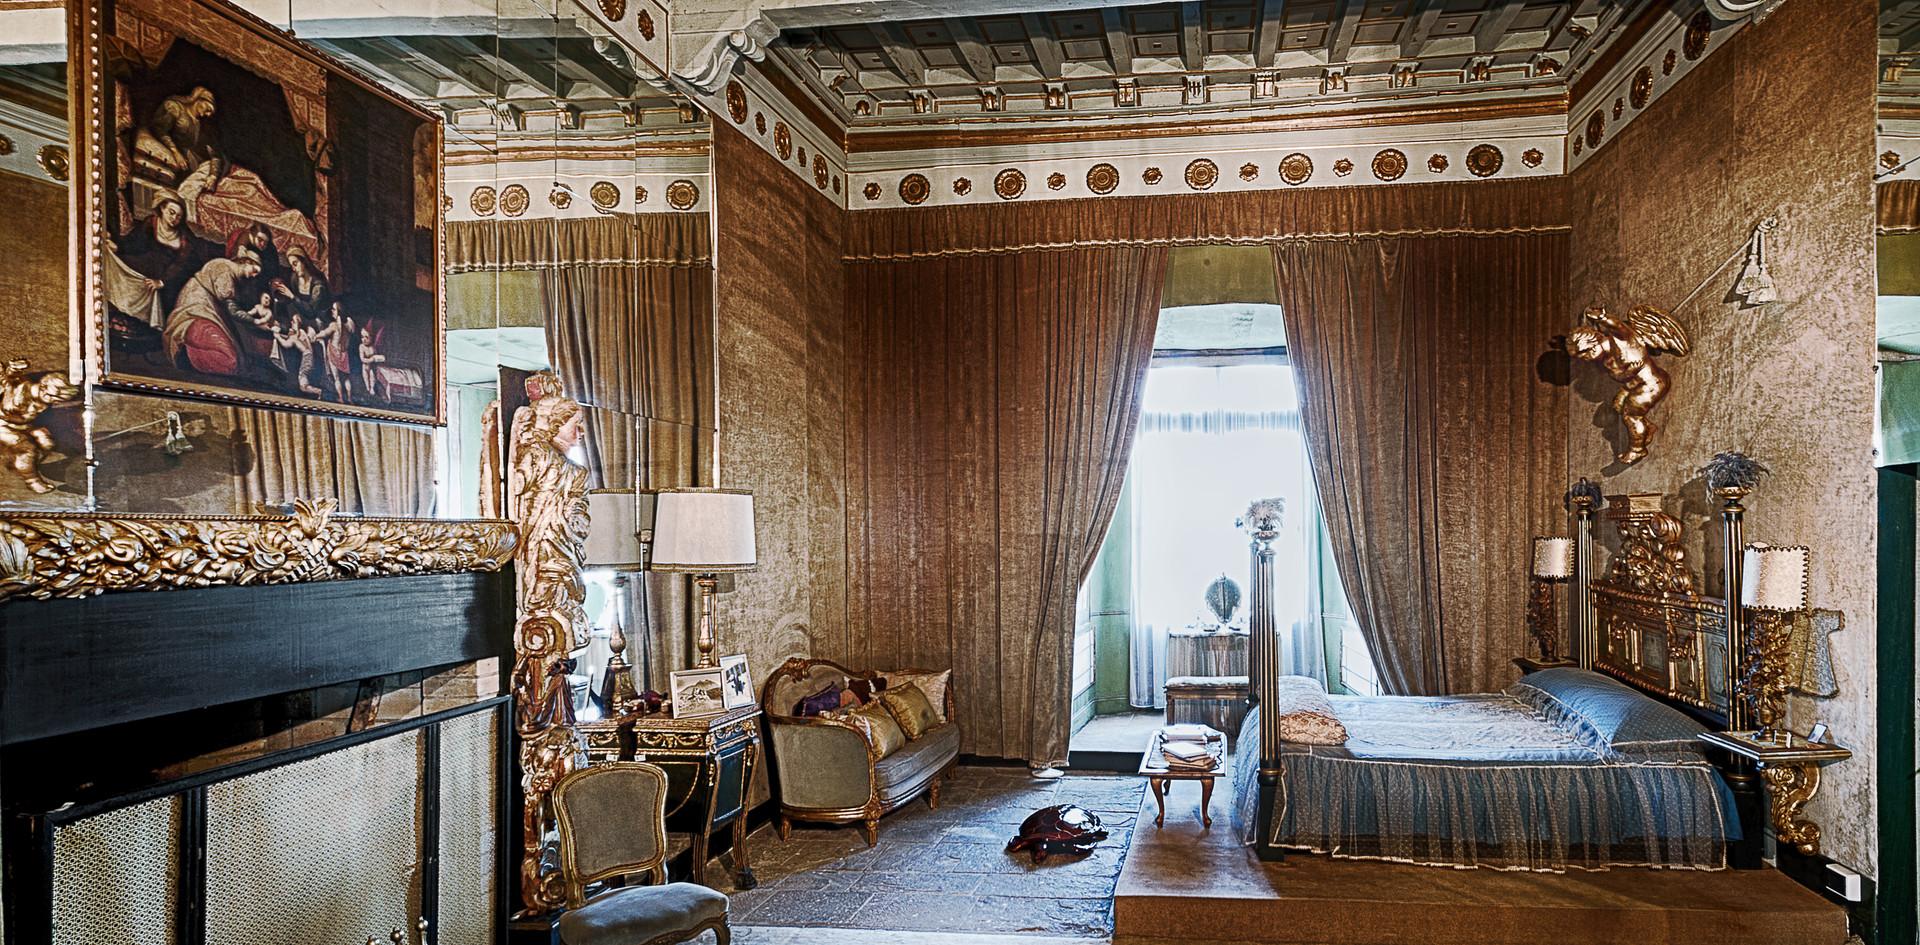 Camera da letto - Castello di Compiano.j